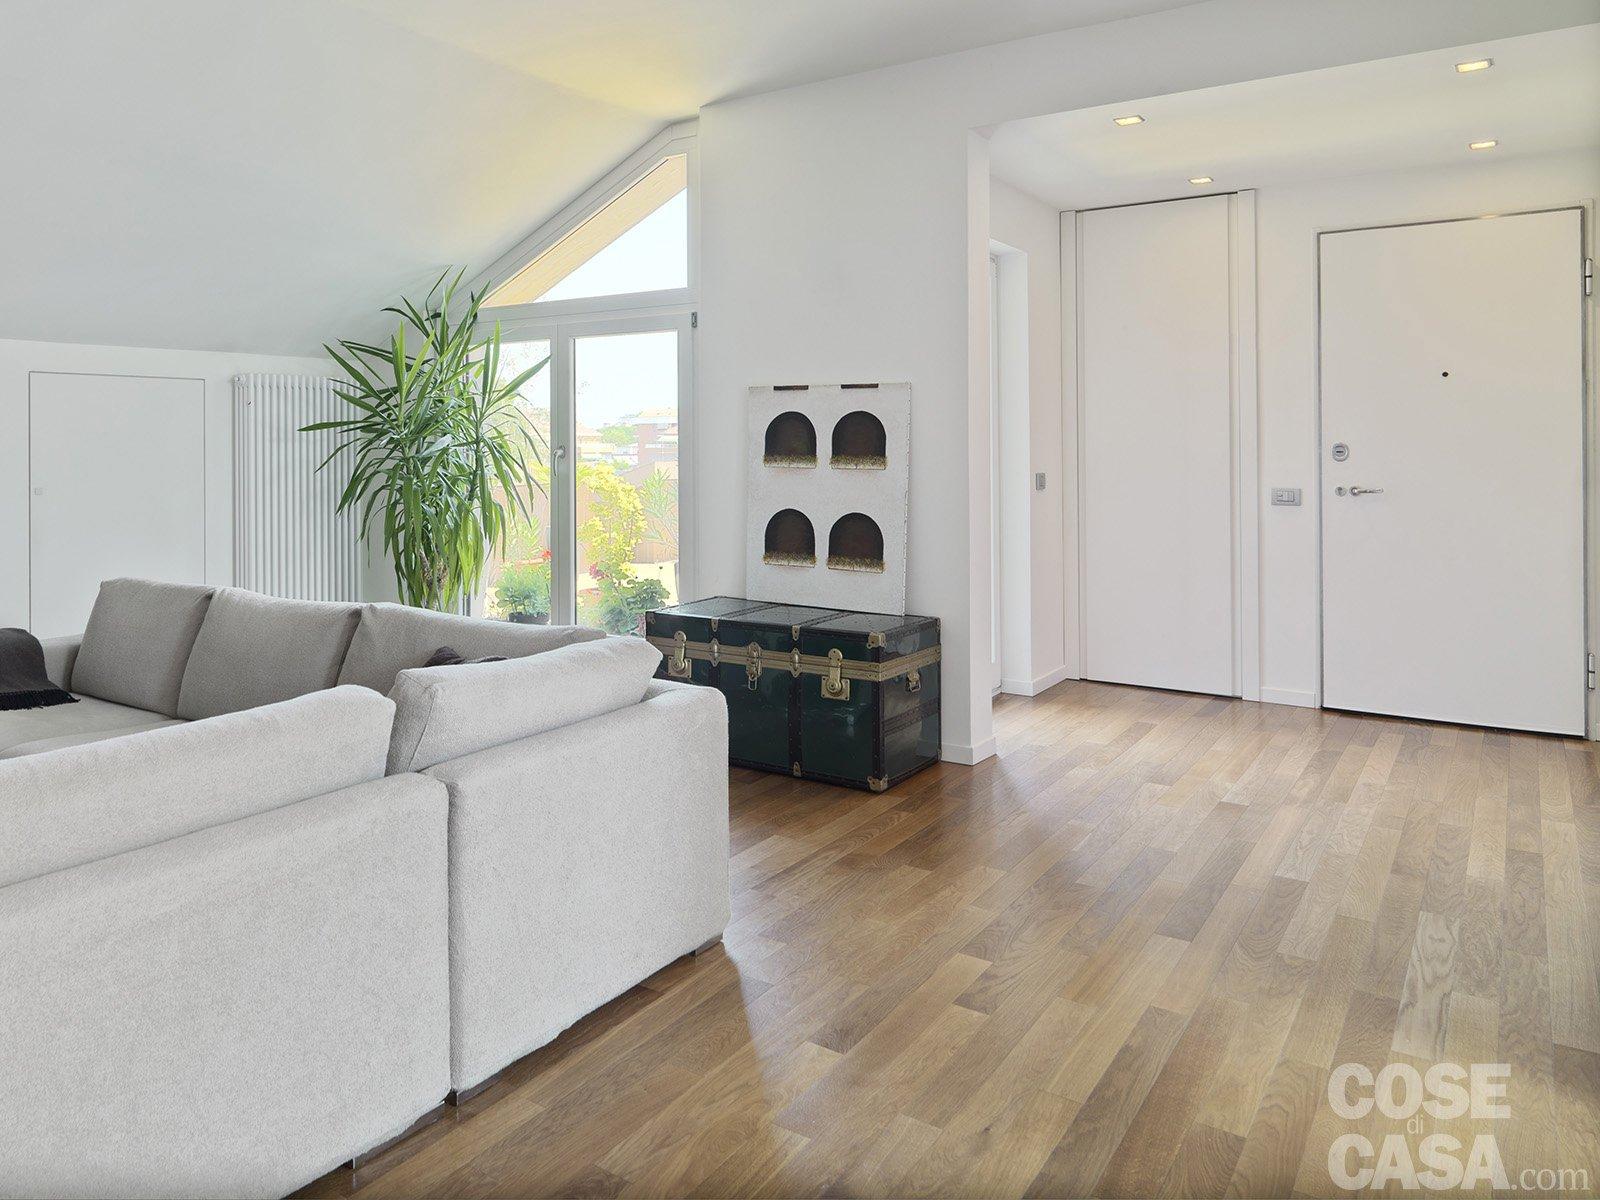 Vivere in mansarda nuovo look per la casa sottotetto for Idee ingresso casa moderna